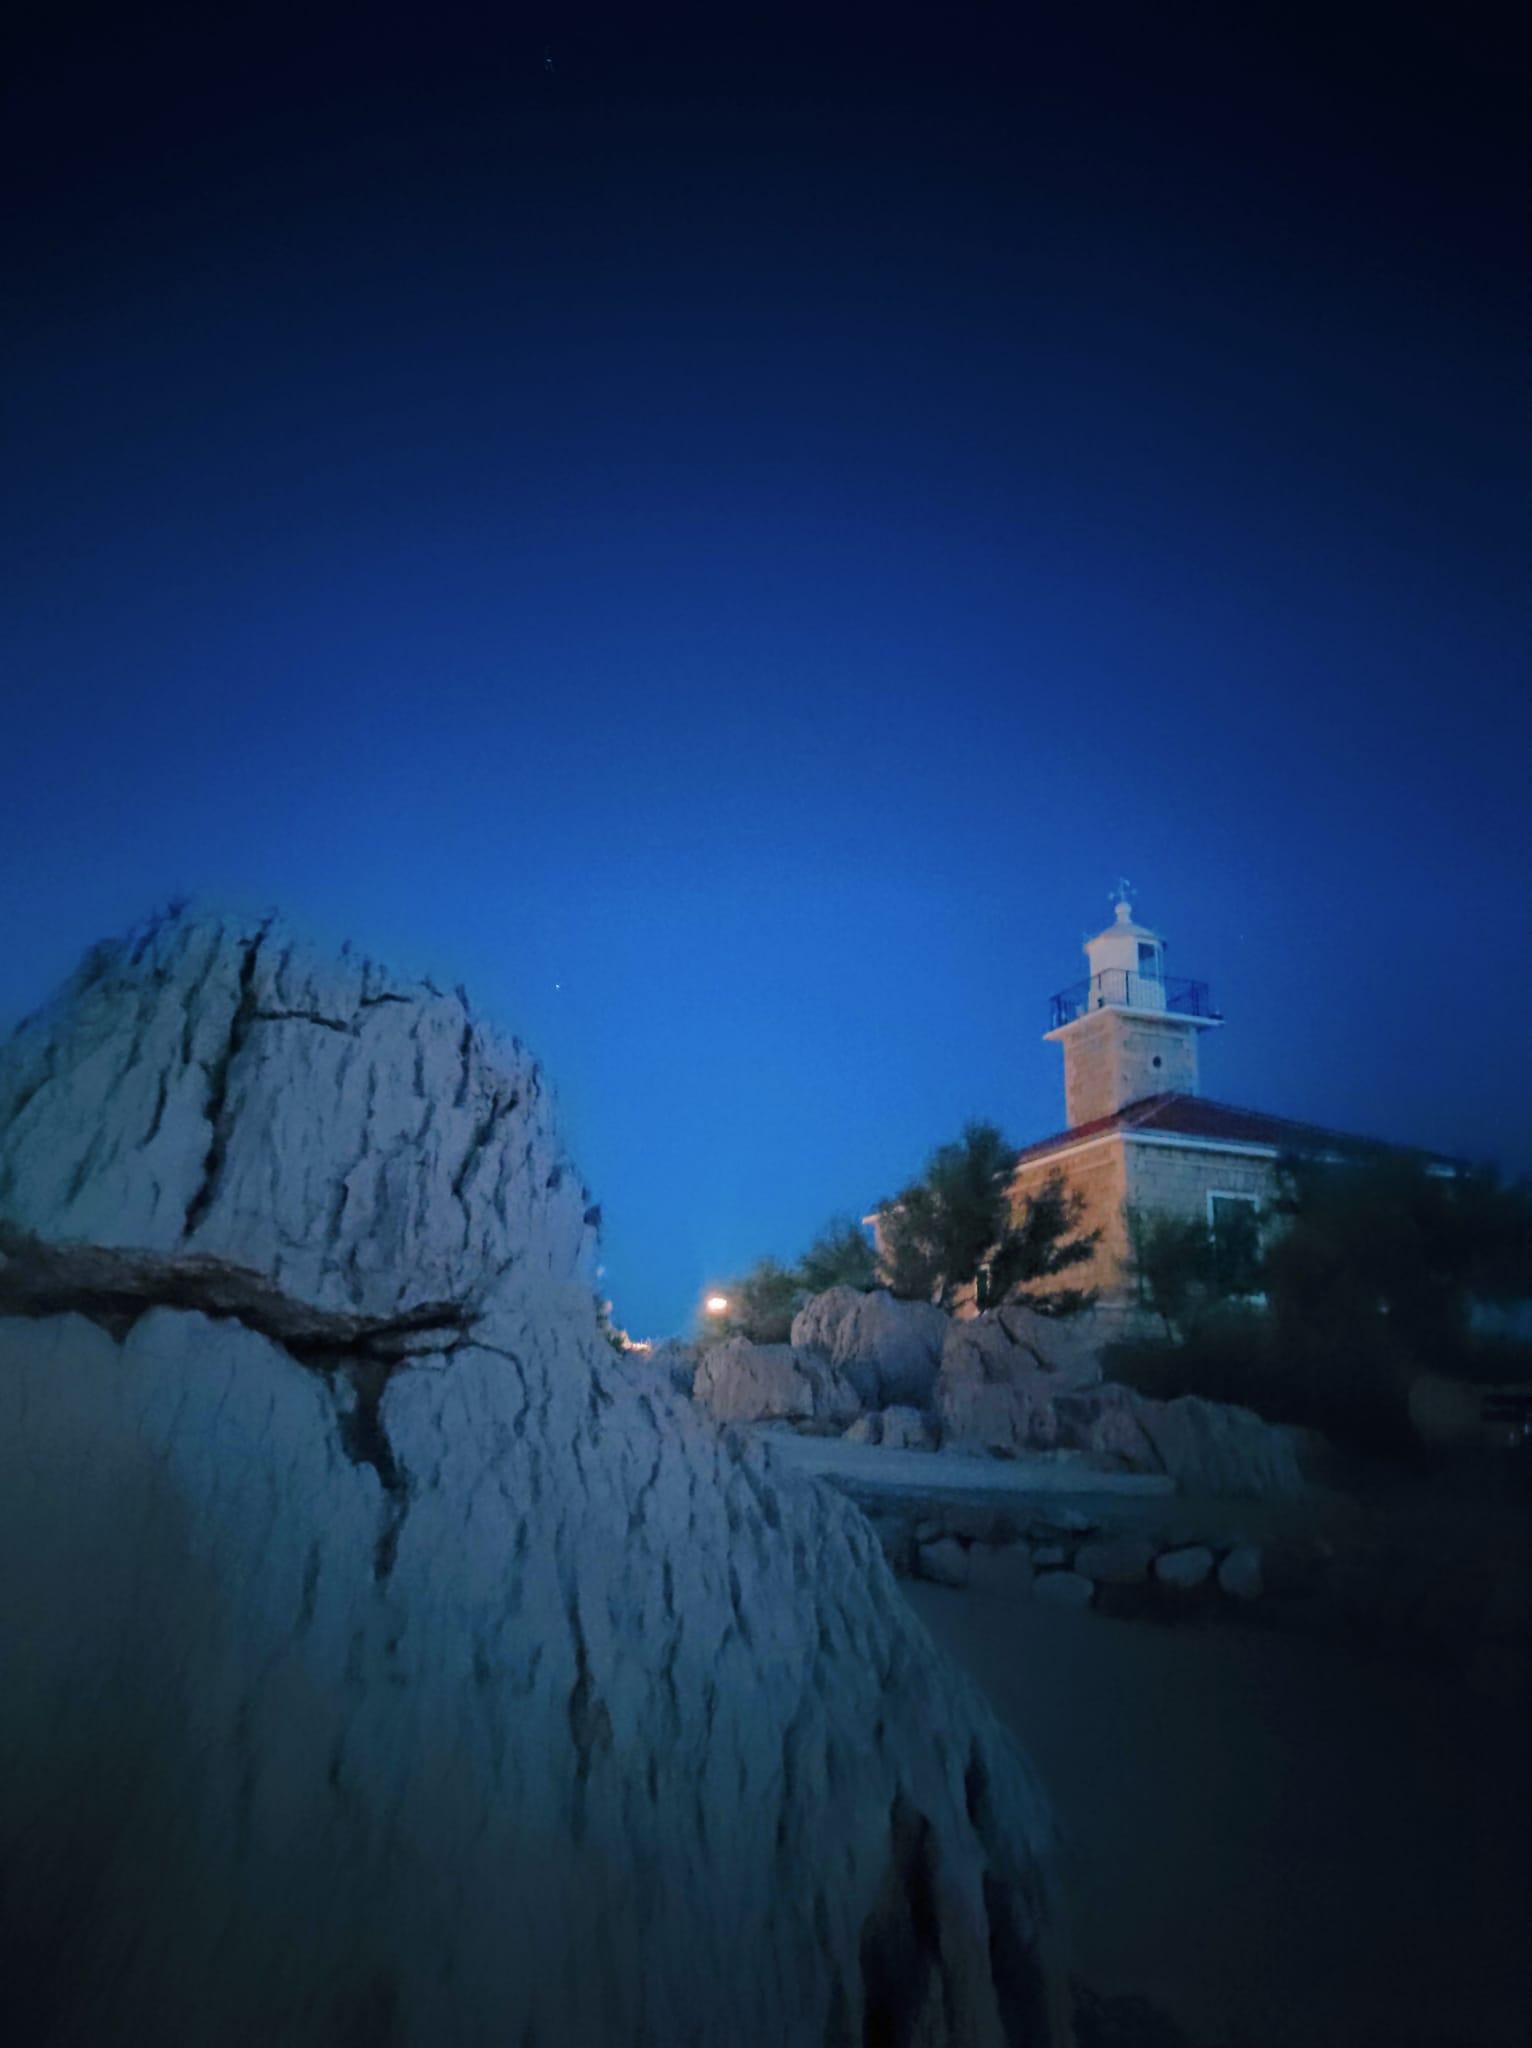 St. Peter's Lighthouse Makarska